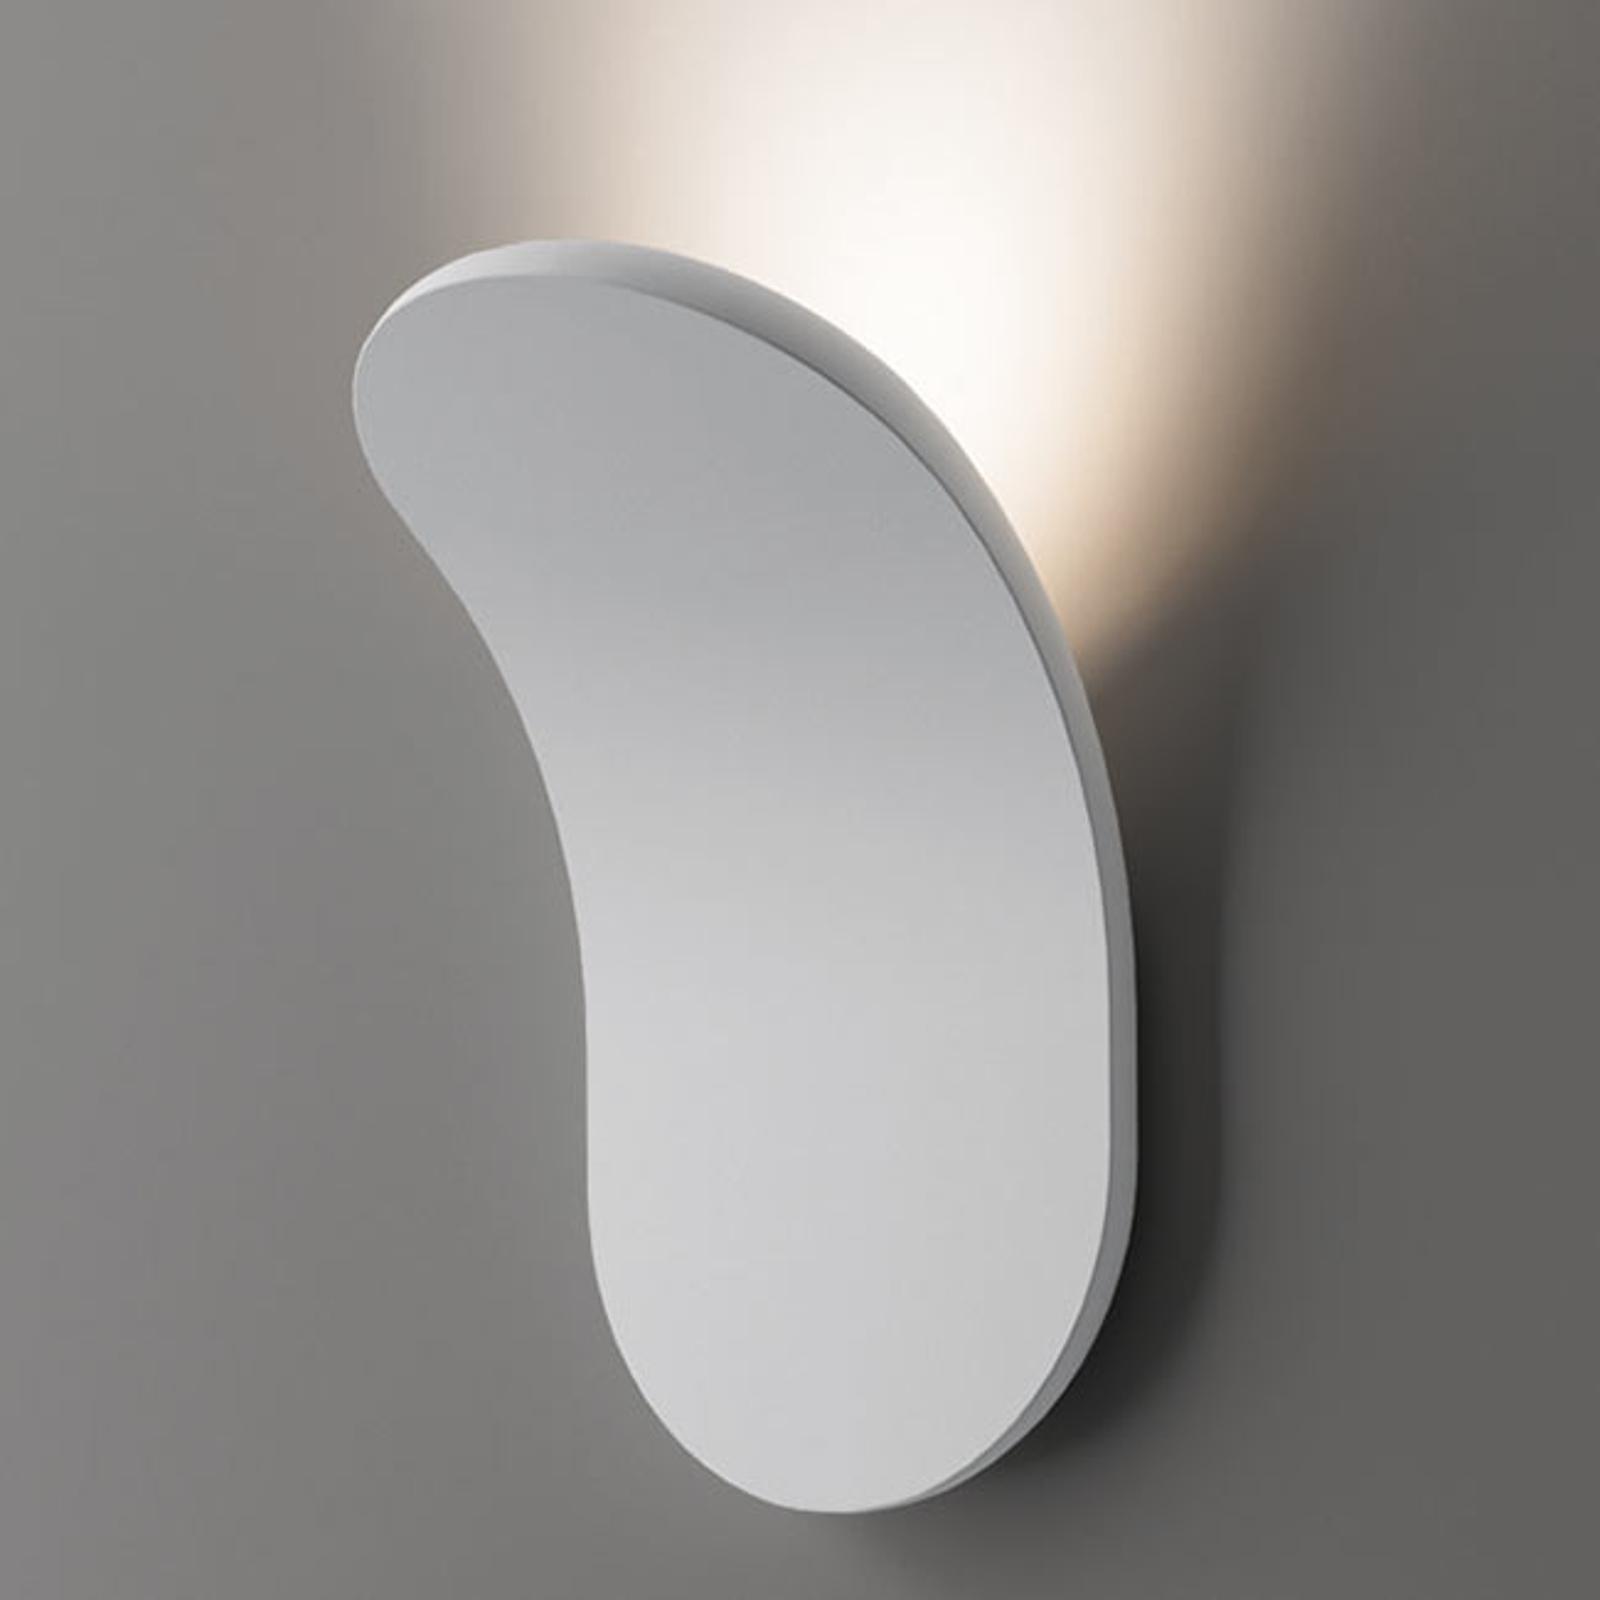 Axolight Lik kinkiet LED biały